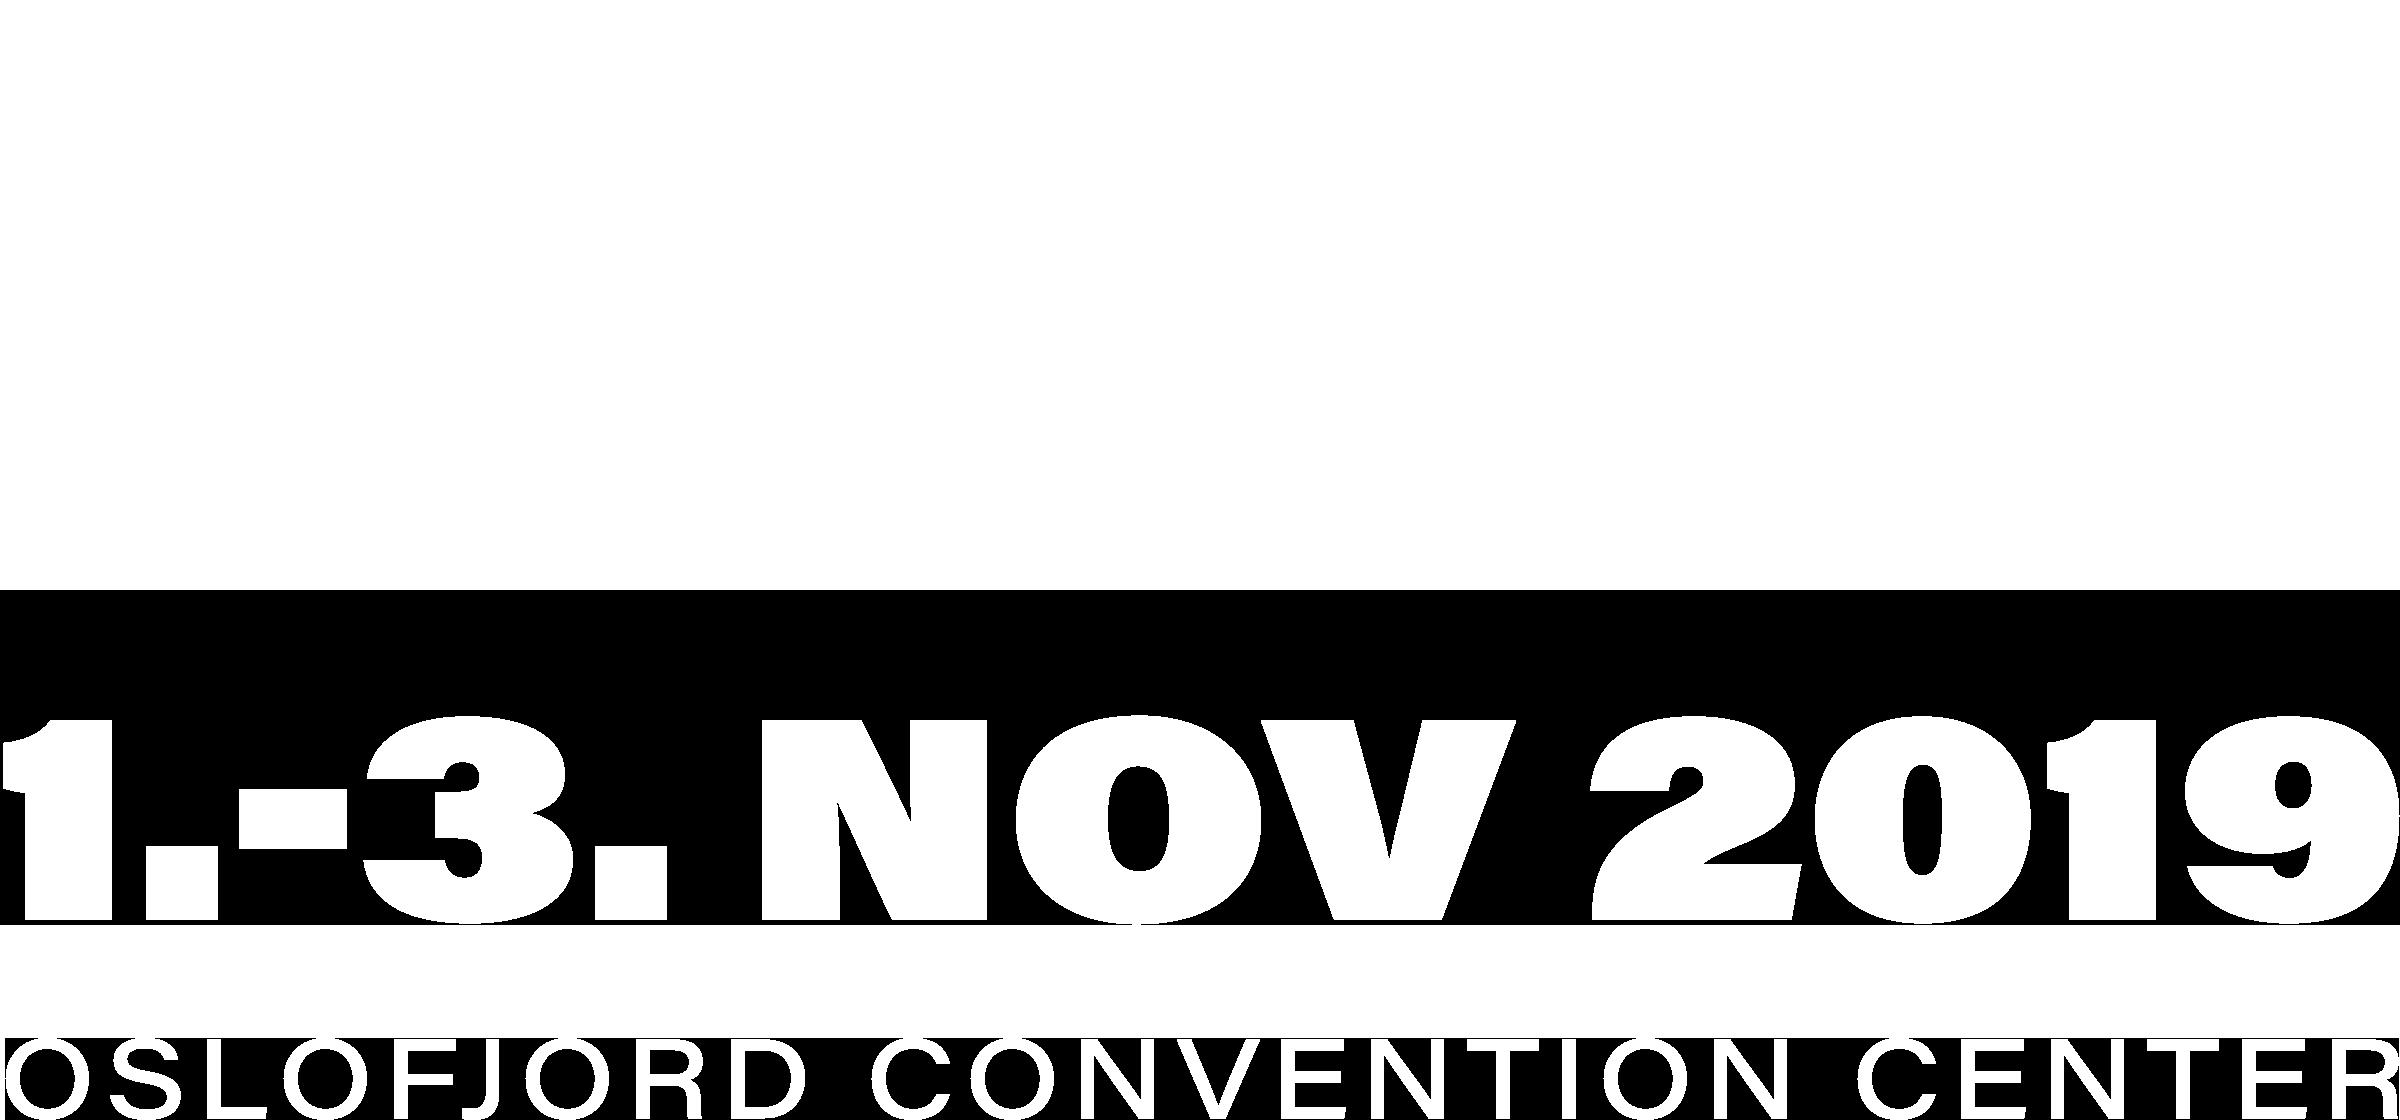 Get Focused 2019, 1.-3. november på Oslofjord Convention Center